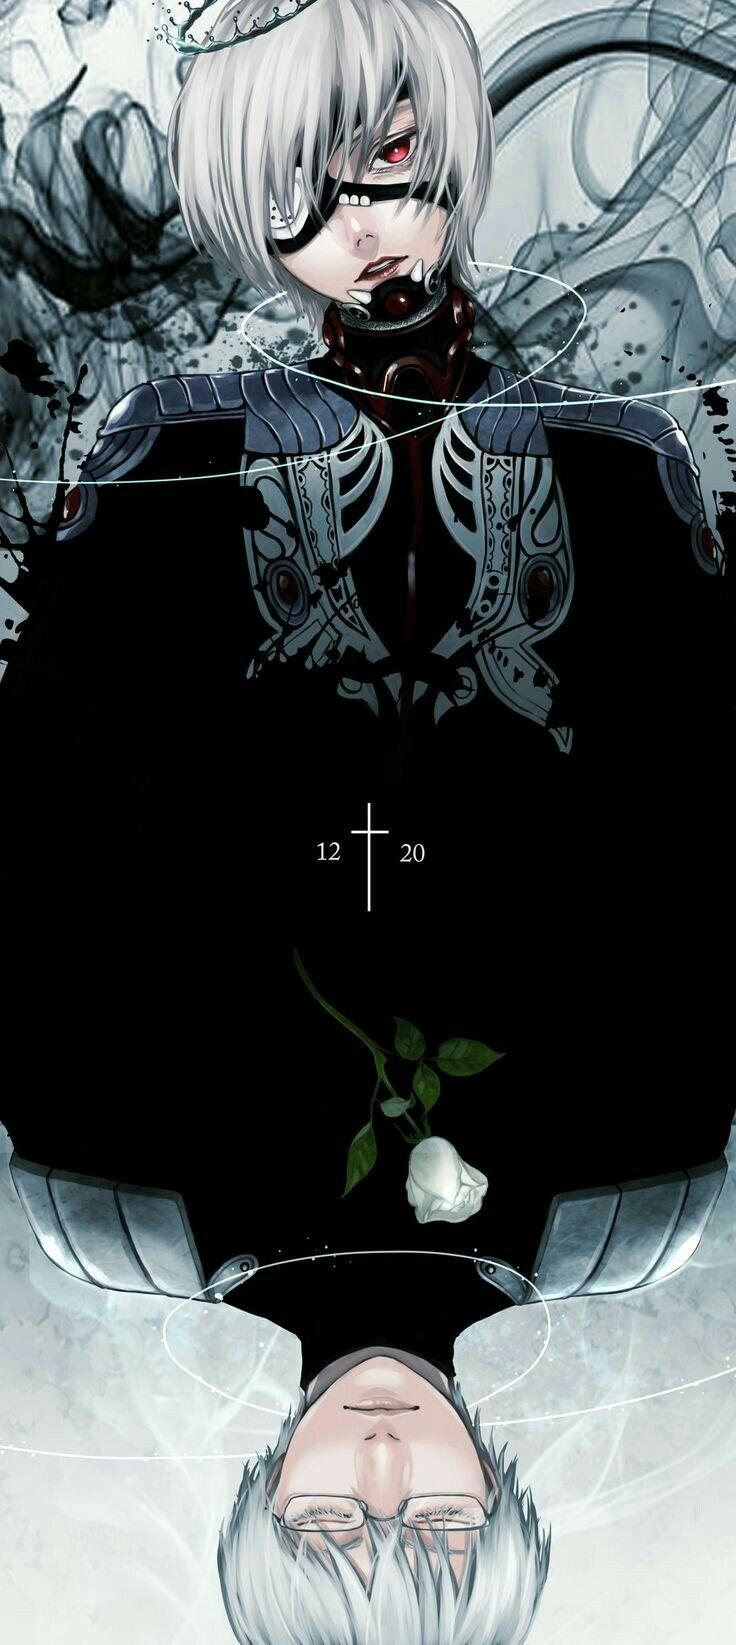 Ghim của Yến Lê trên Tokyo ghoul Nghệ thuật anime, Anime